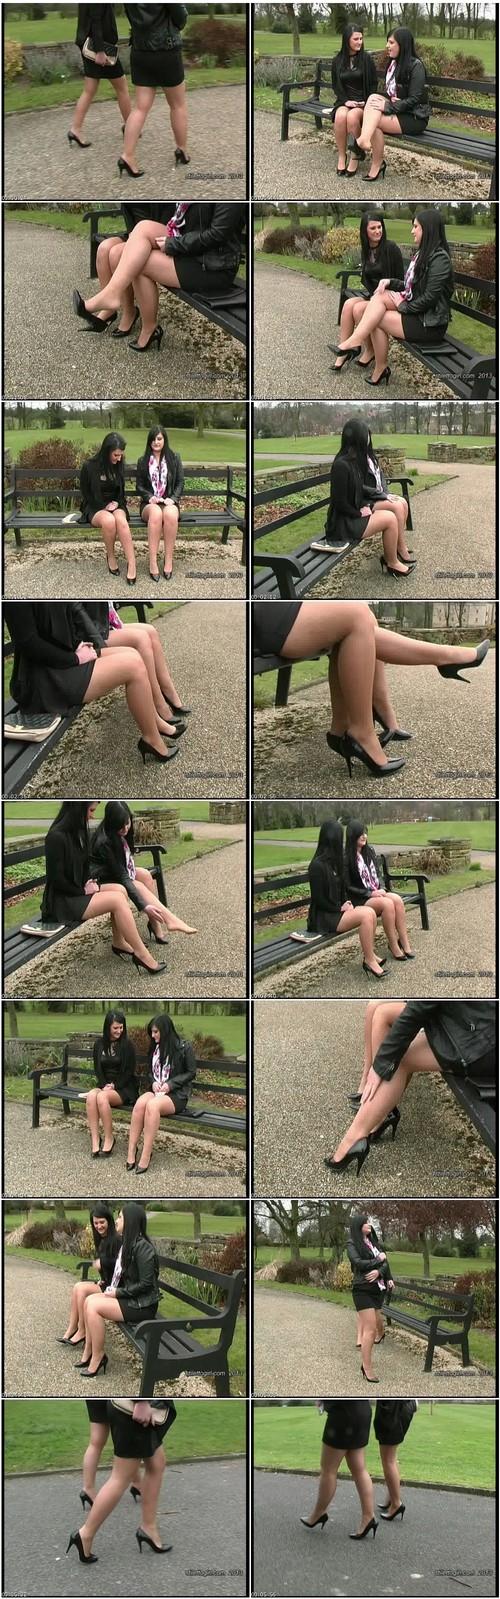 porno pictures woman sextoys